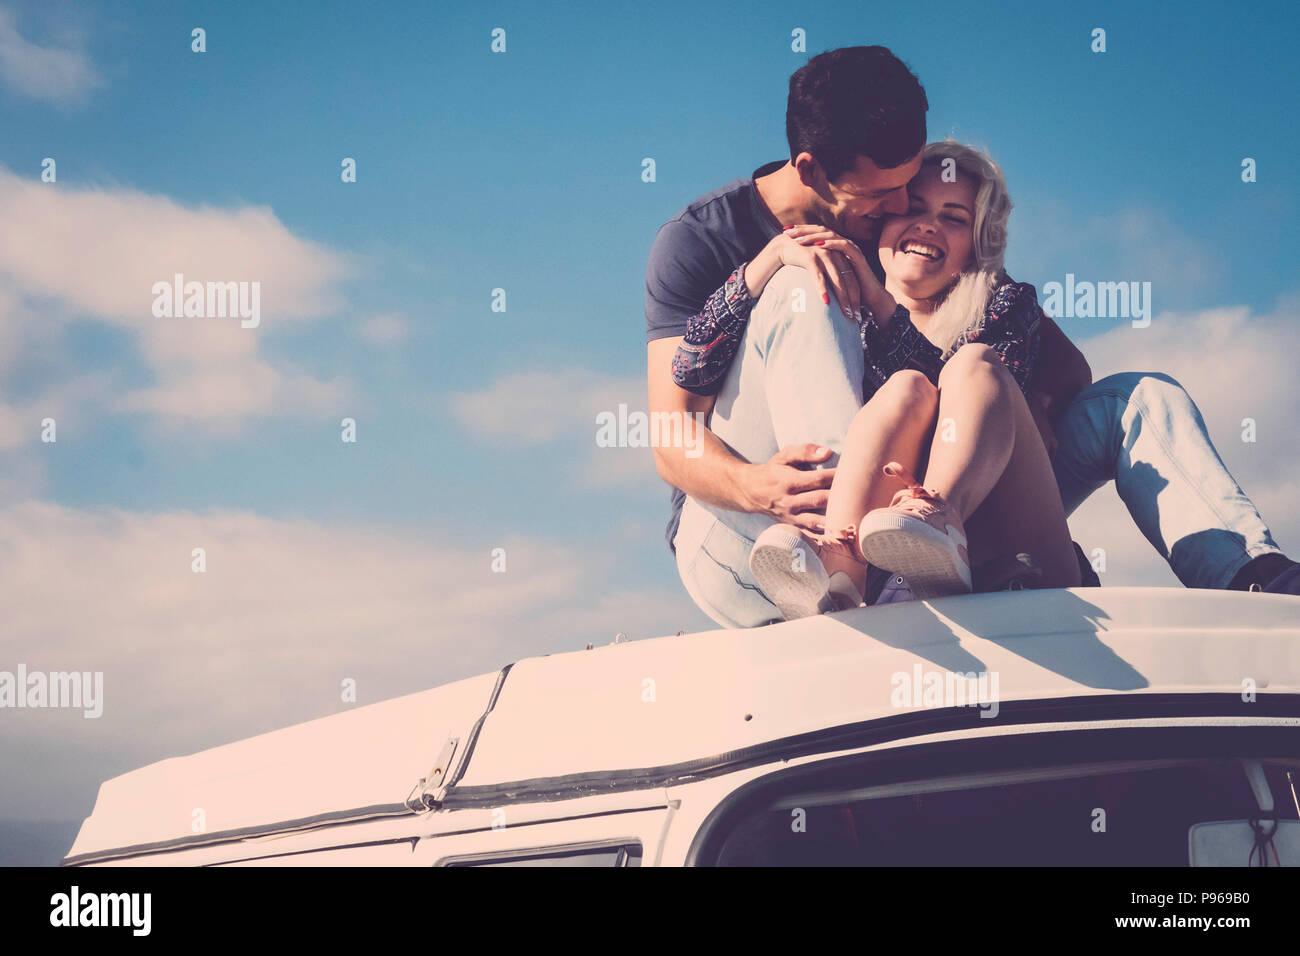 Bella coppia caucasica del modello naturale stare insieme in relazione sul tetto di un camper vintage. di amicizia e di amore tra il ragazzo e una ragazza yo Immagini Stock